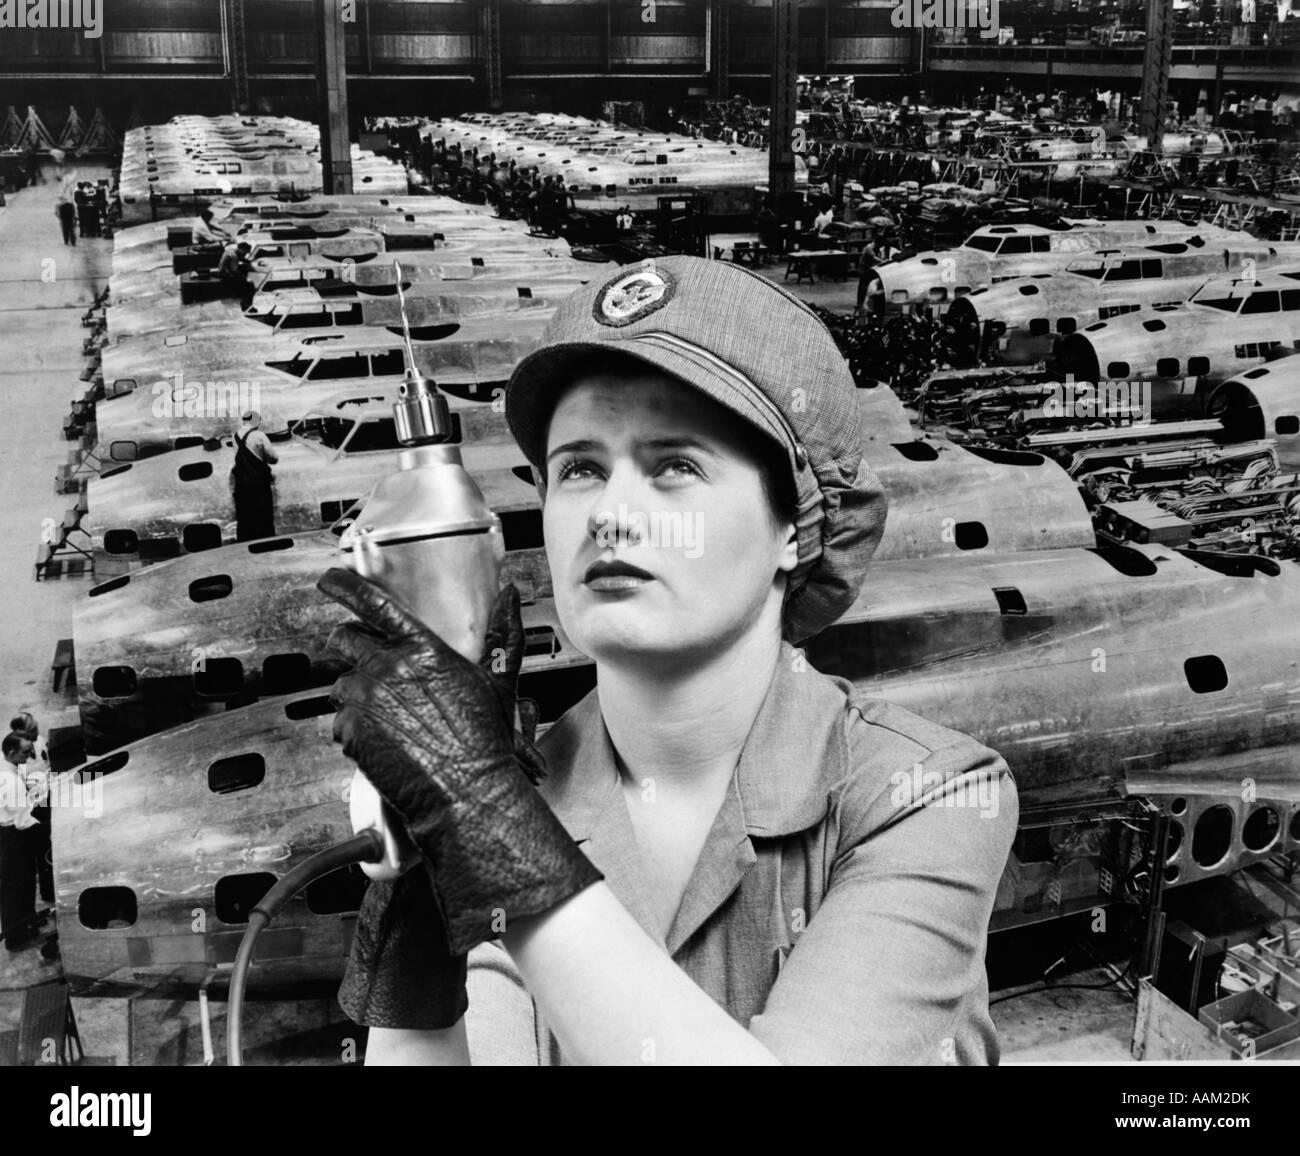 Mujer Rosie la remachadora superpuesta sobre aviones en 1940 LA FÁBRICA DE GUERRA DE LA SEGUNDA GUERRA MUNDIAL Imagen De Stock